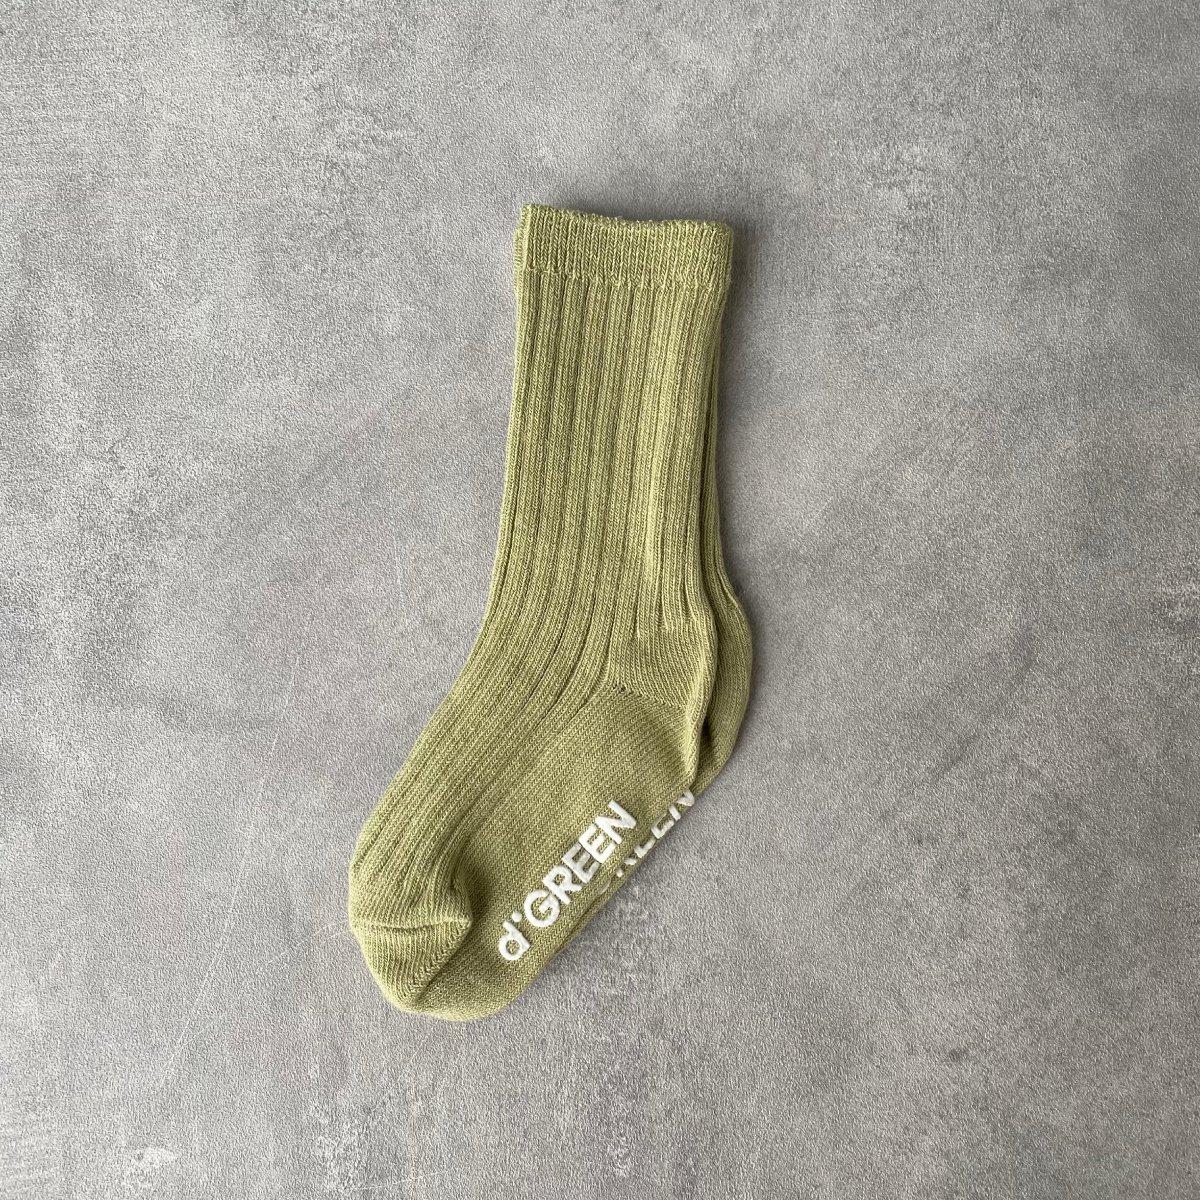 【KIDS】Pistachio Socks 詳細画像8